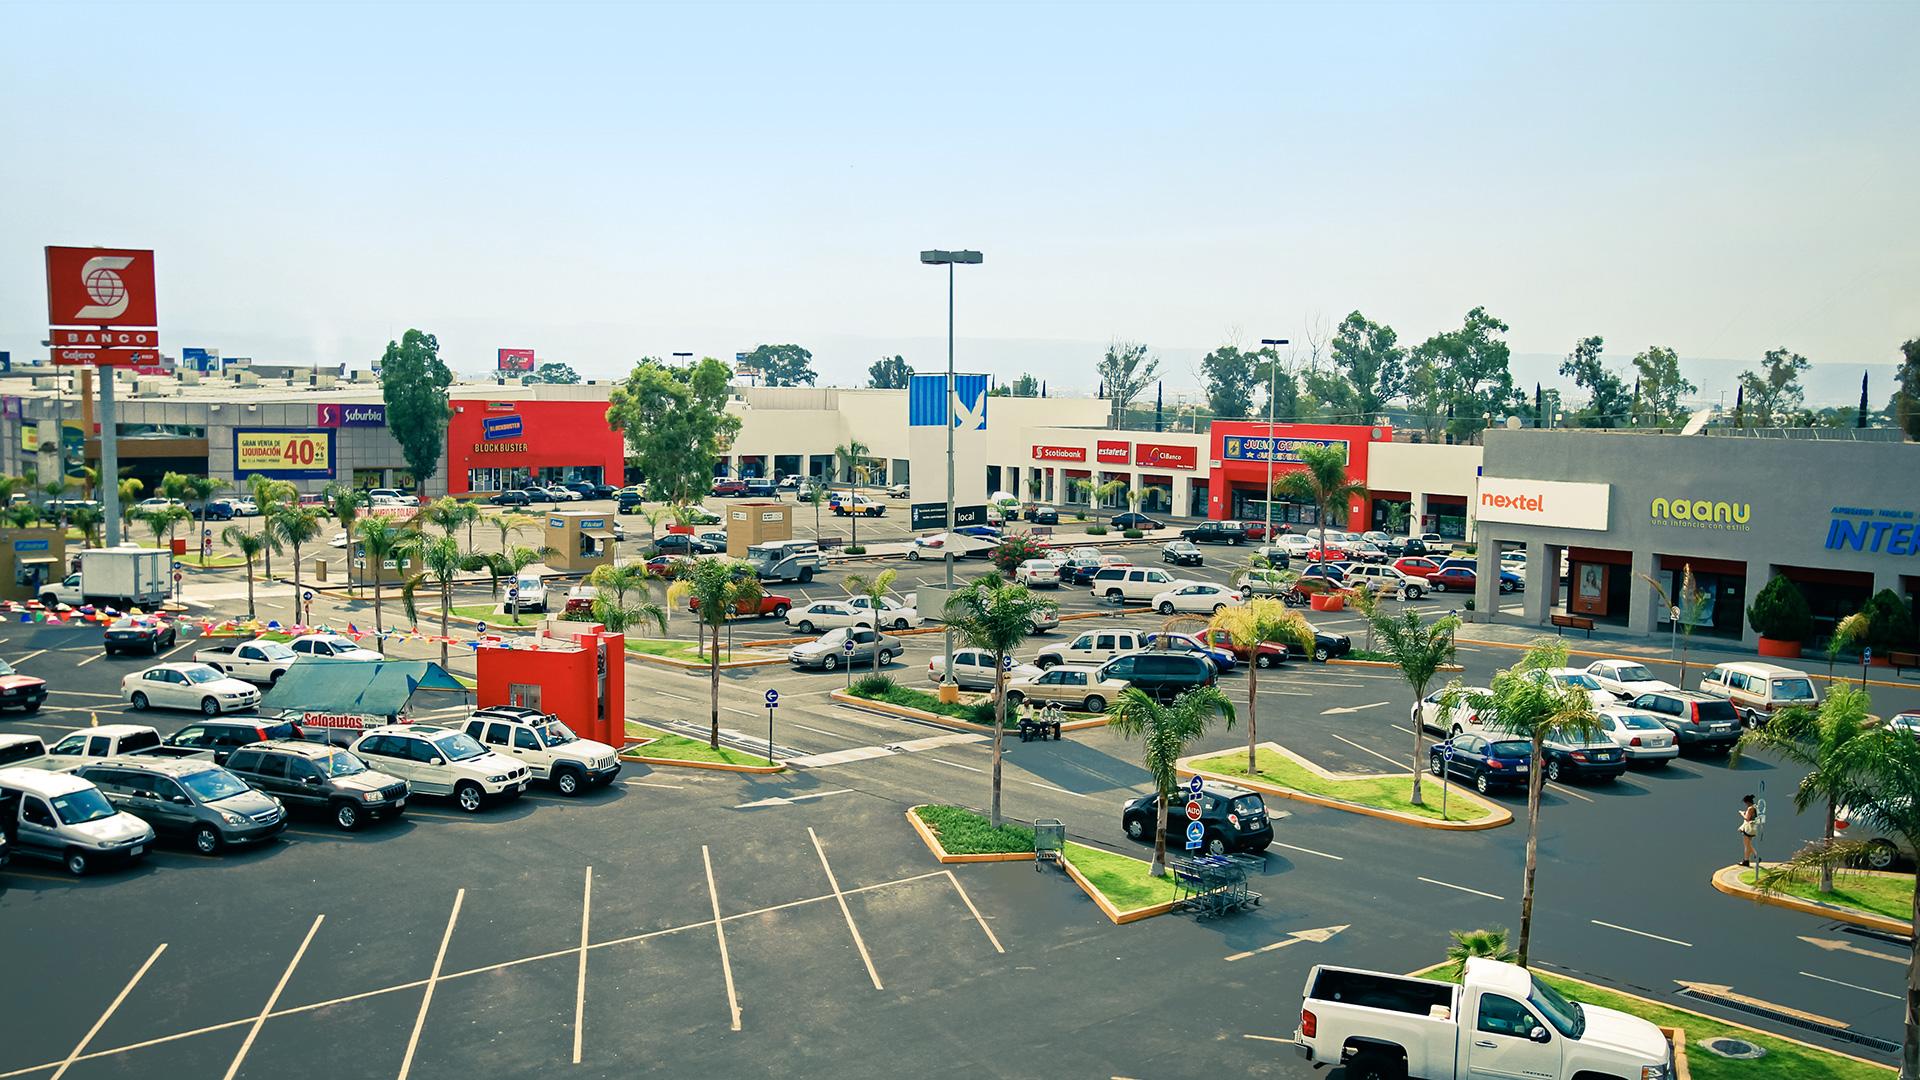 Buscan dueños de estacionamientos incremento por periodo ferial